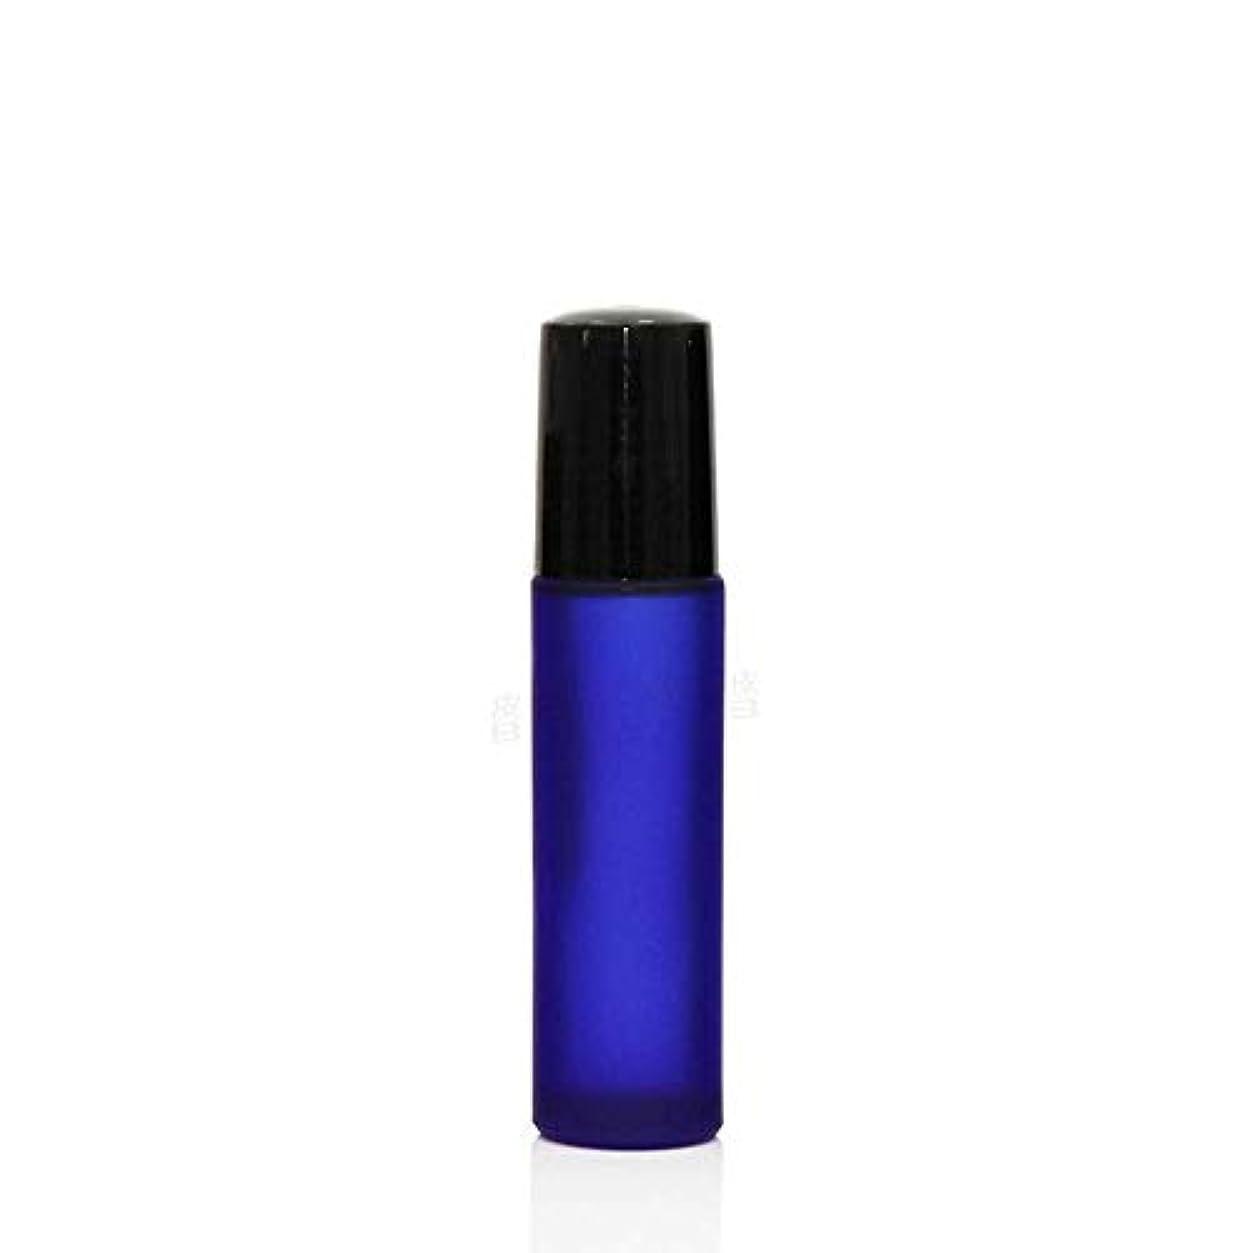 健康レーダーループSimg ロールオンボトル アロマオイル 精油 小分け用 遮光瓶 10ml 10本セット ガラスロールタイプ (ブルー)